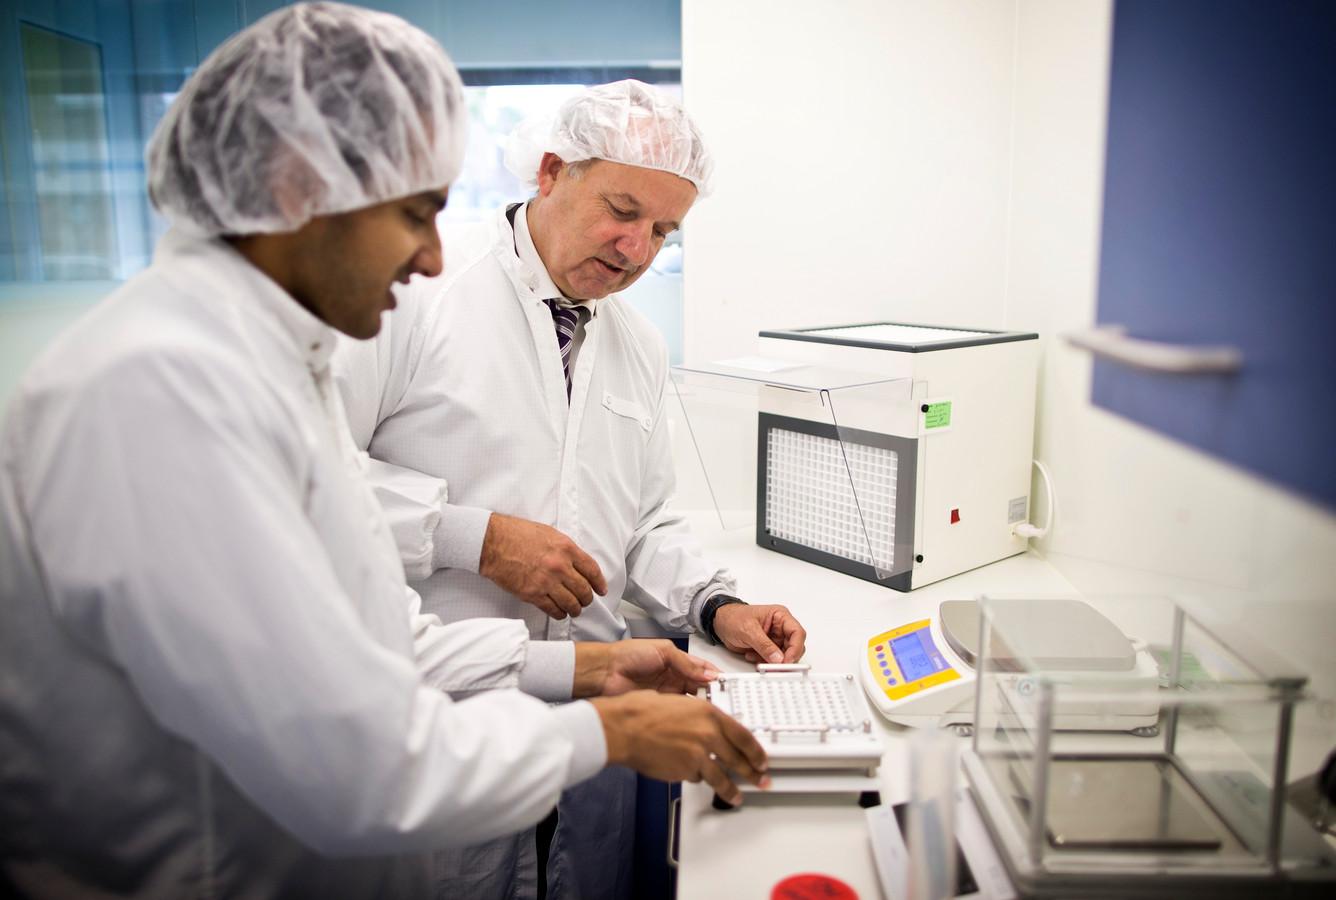 Paul Lebbink (rechts) is een van de weinige nog zelfbereidende apothekers. In een speciale ruimte 'draait' hij nog zelf pillen voor zijn cliënten.